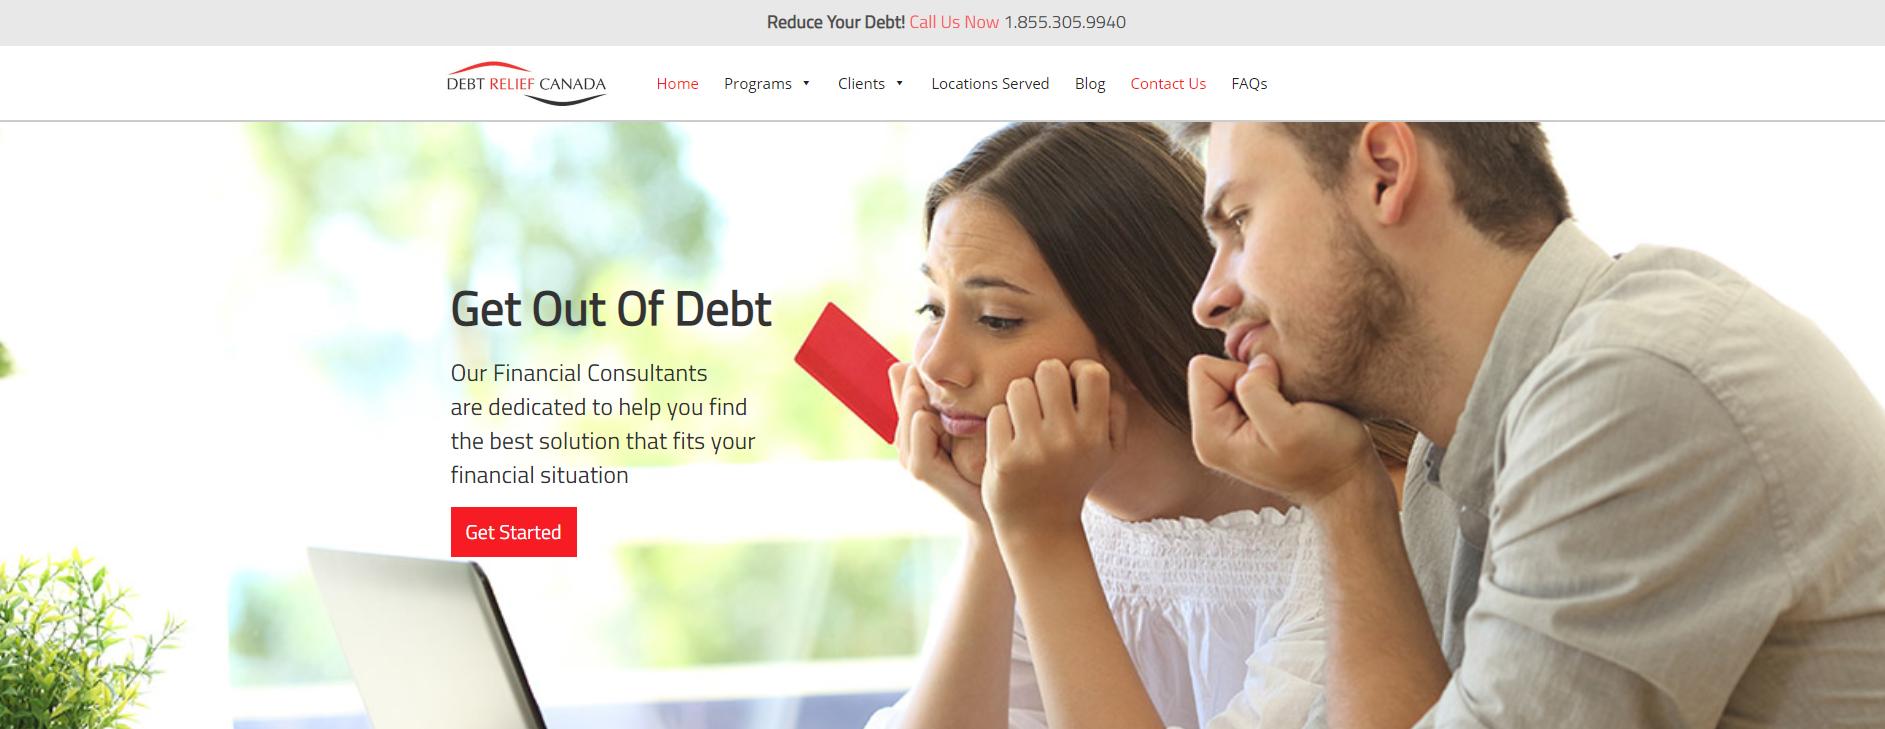 Debt relief website example